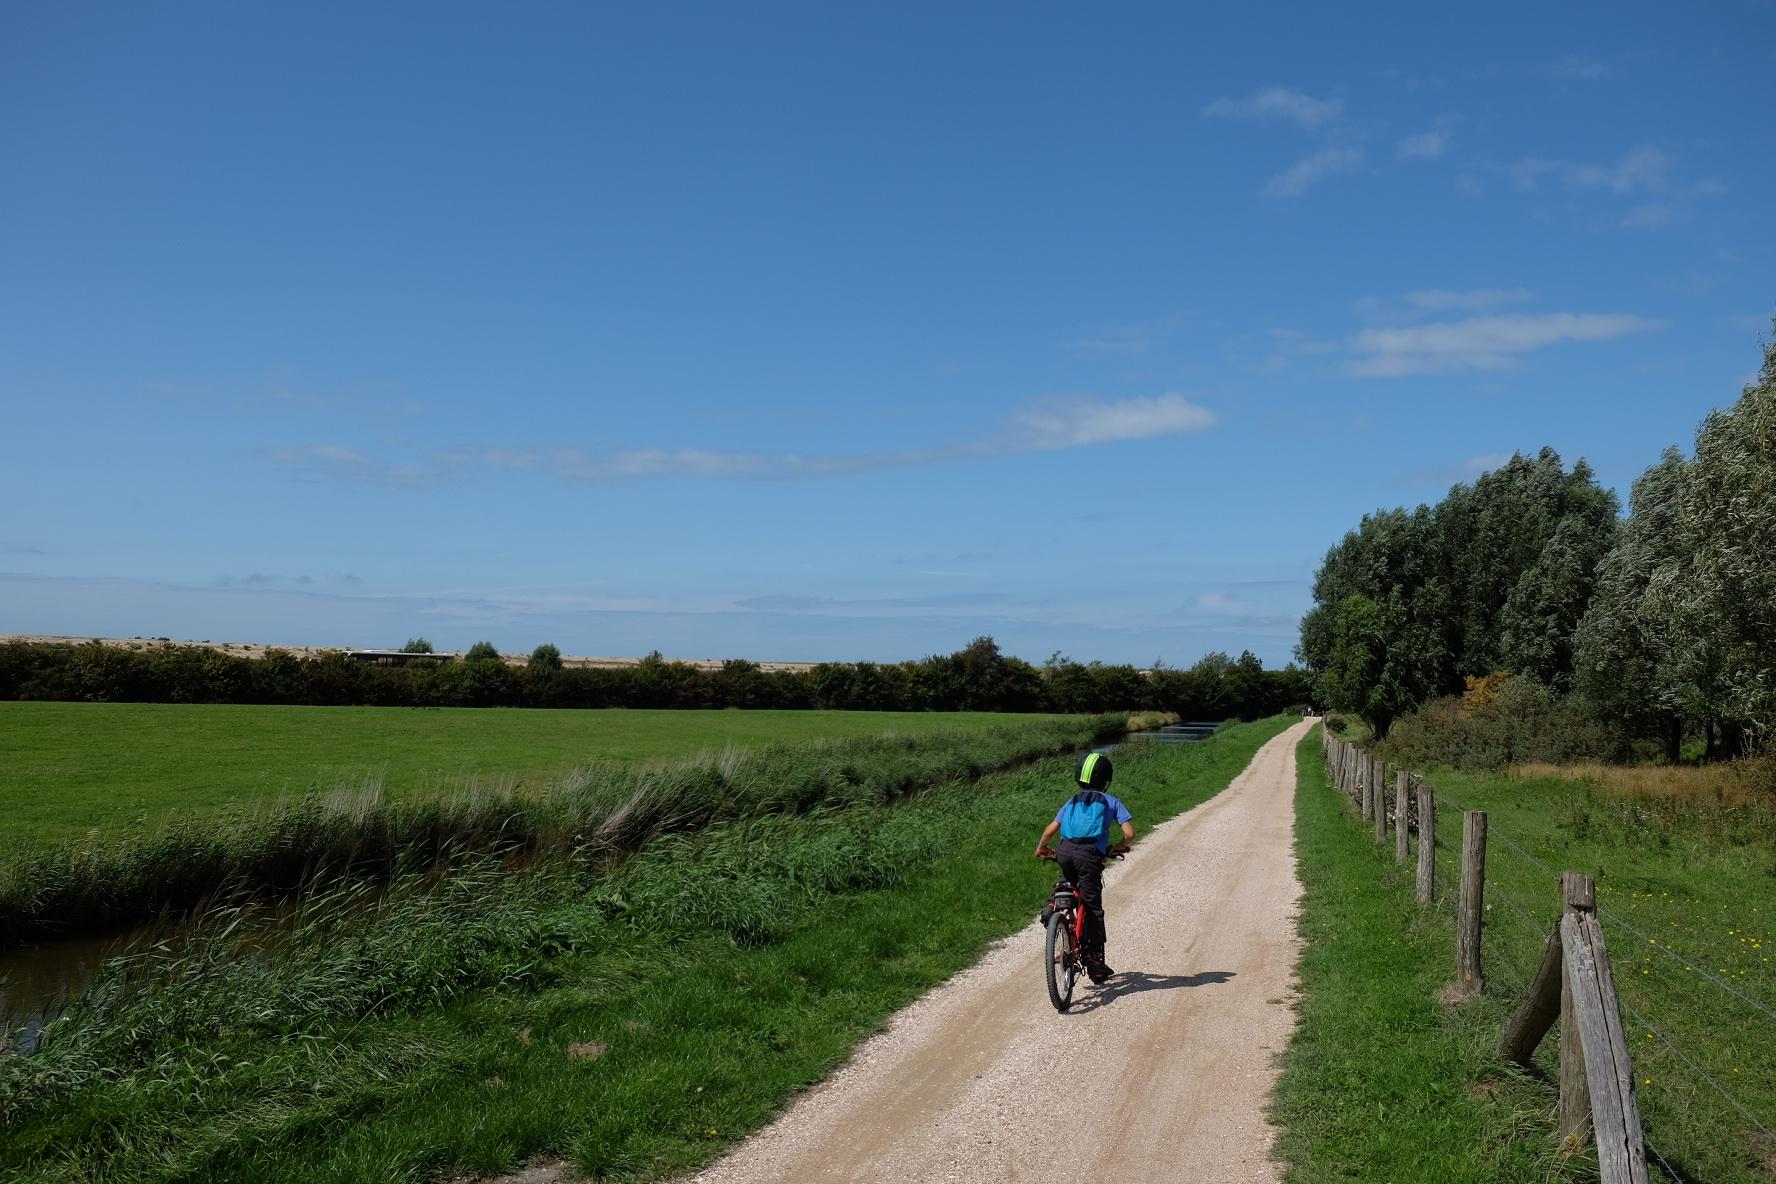 Bravo à Willem, champion de vélo !